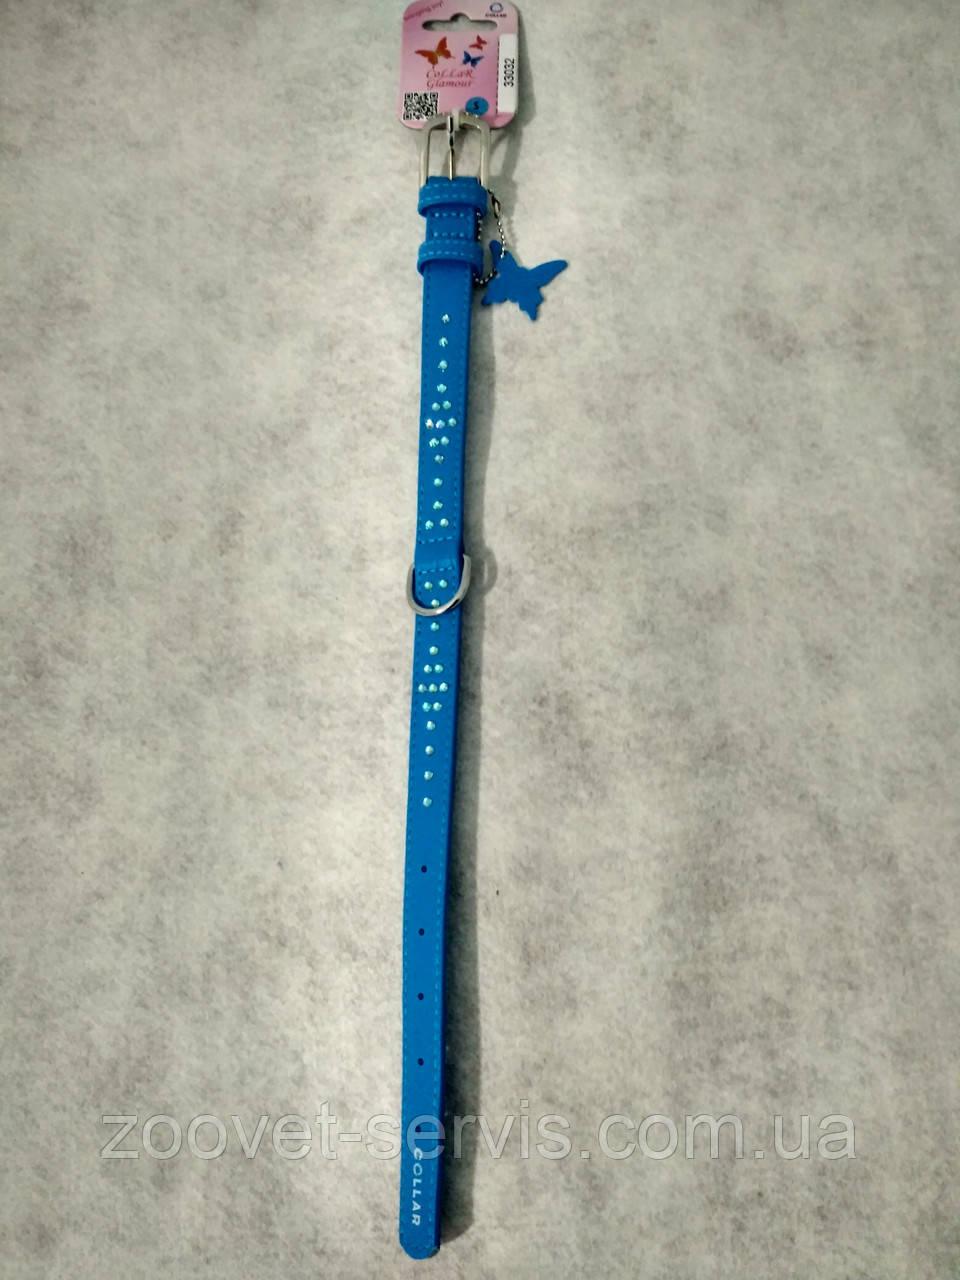 Ошейник со стразами Ромб COLLAR GLAMOUR синий 33032